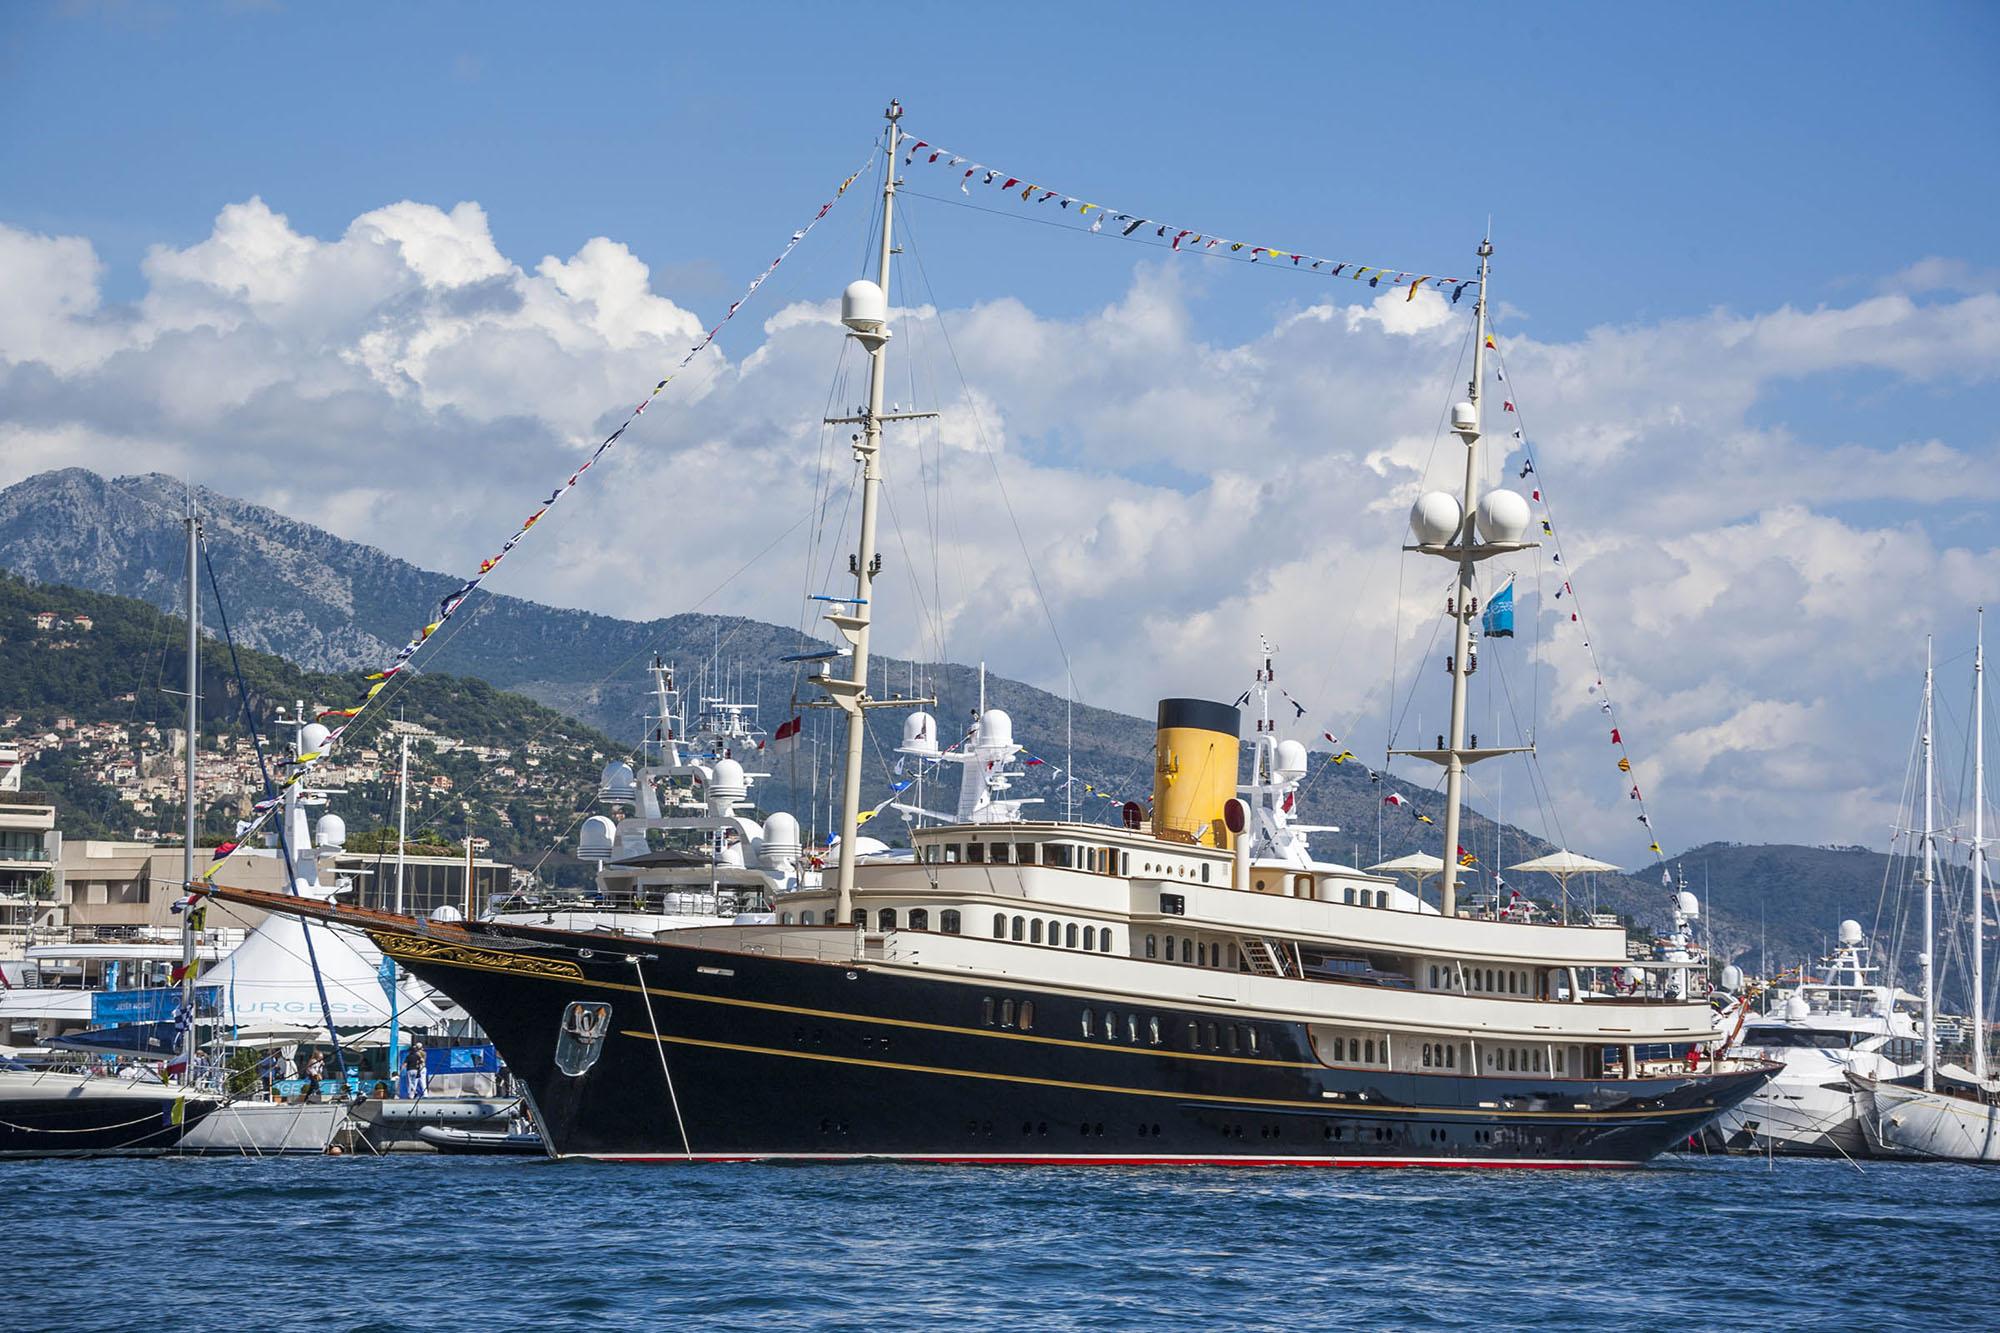 Monaco_8207.jpg